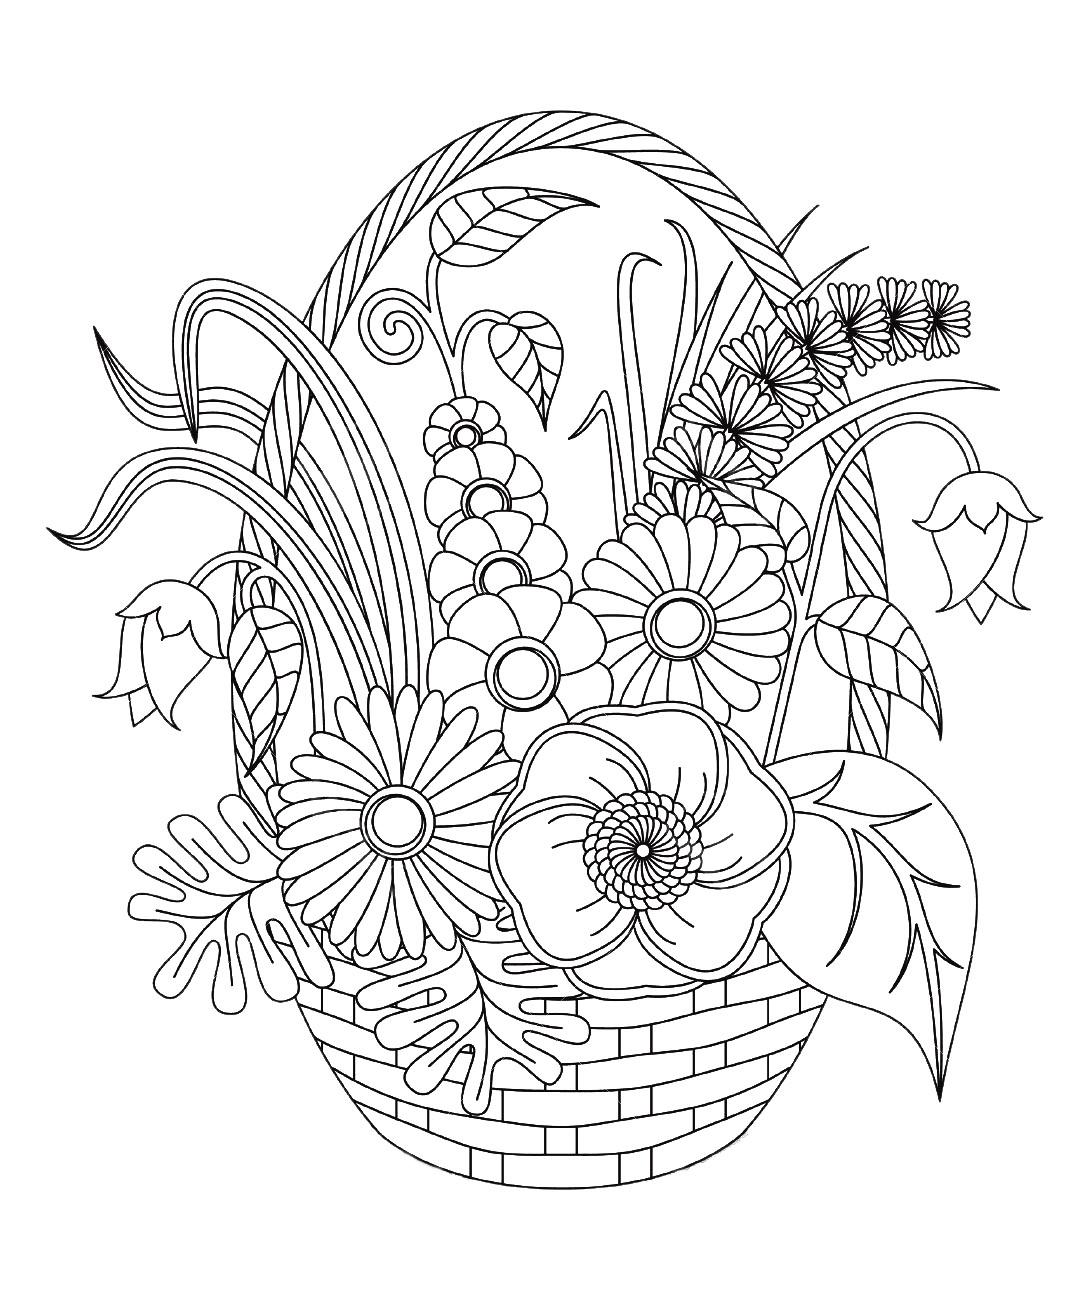 Fleurs Variees Dans Un Panier - Fleurs Et Végétation tout Coloriage Bouquet De Fleurs A Imprimer